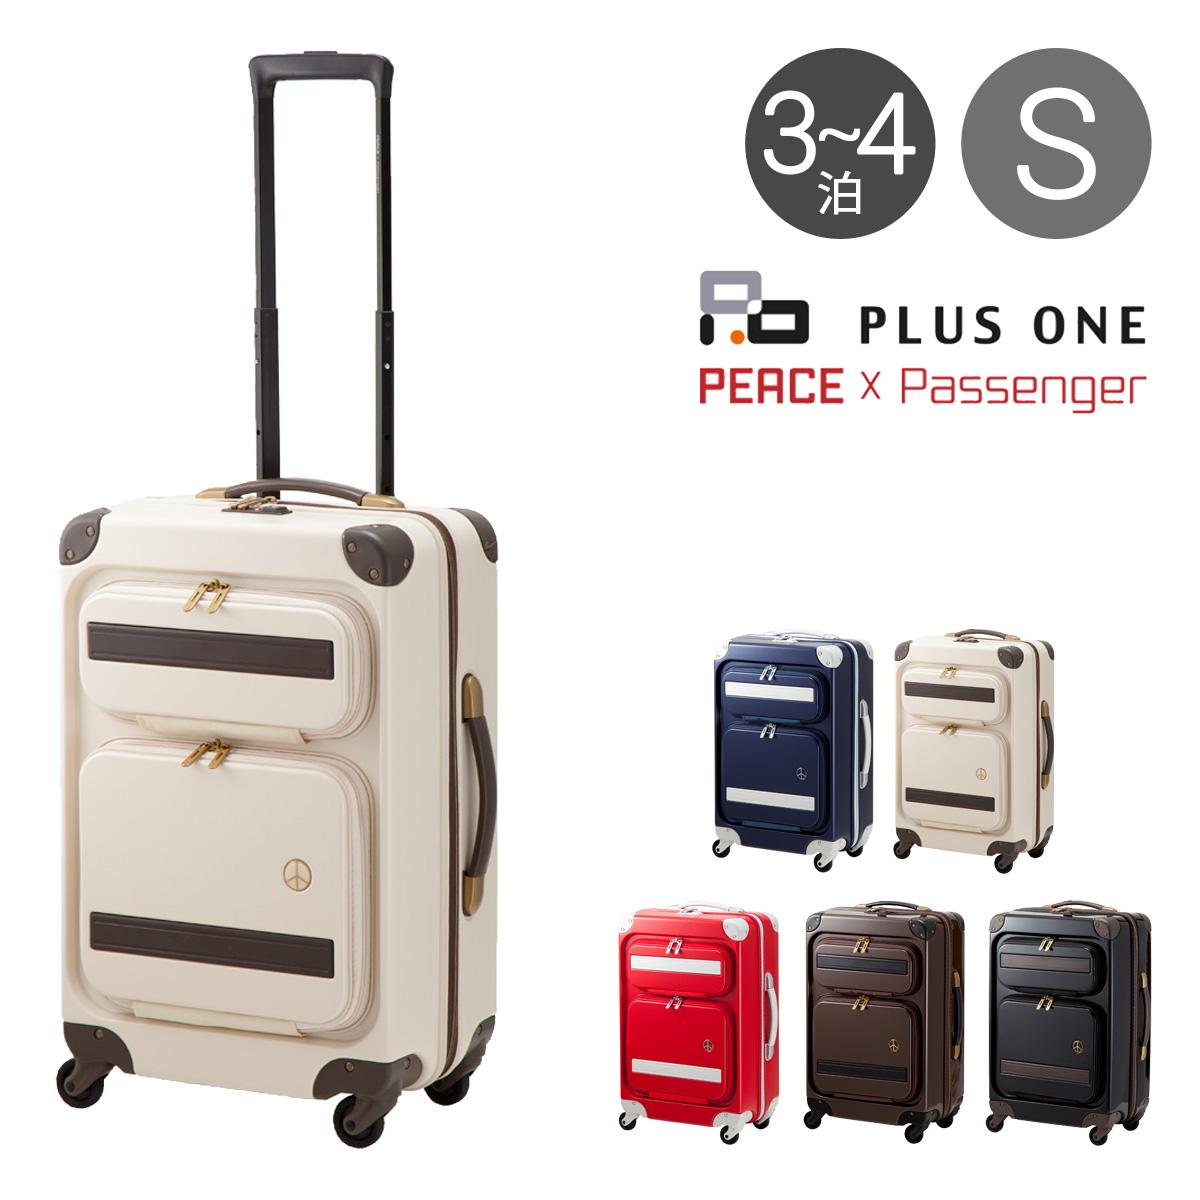 プラスワン スーツケース PEACE×Passenger 8170-56P 55cm 【 PLUS ONE ピースパッセンジャー 】【 キャリーケース キャリーバッグ ビジネスキャリー 】[PO10][bef]